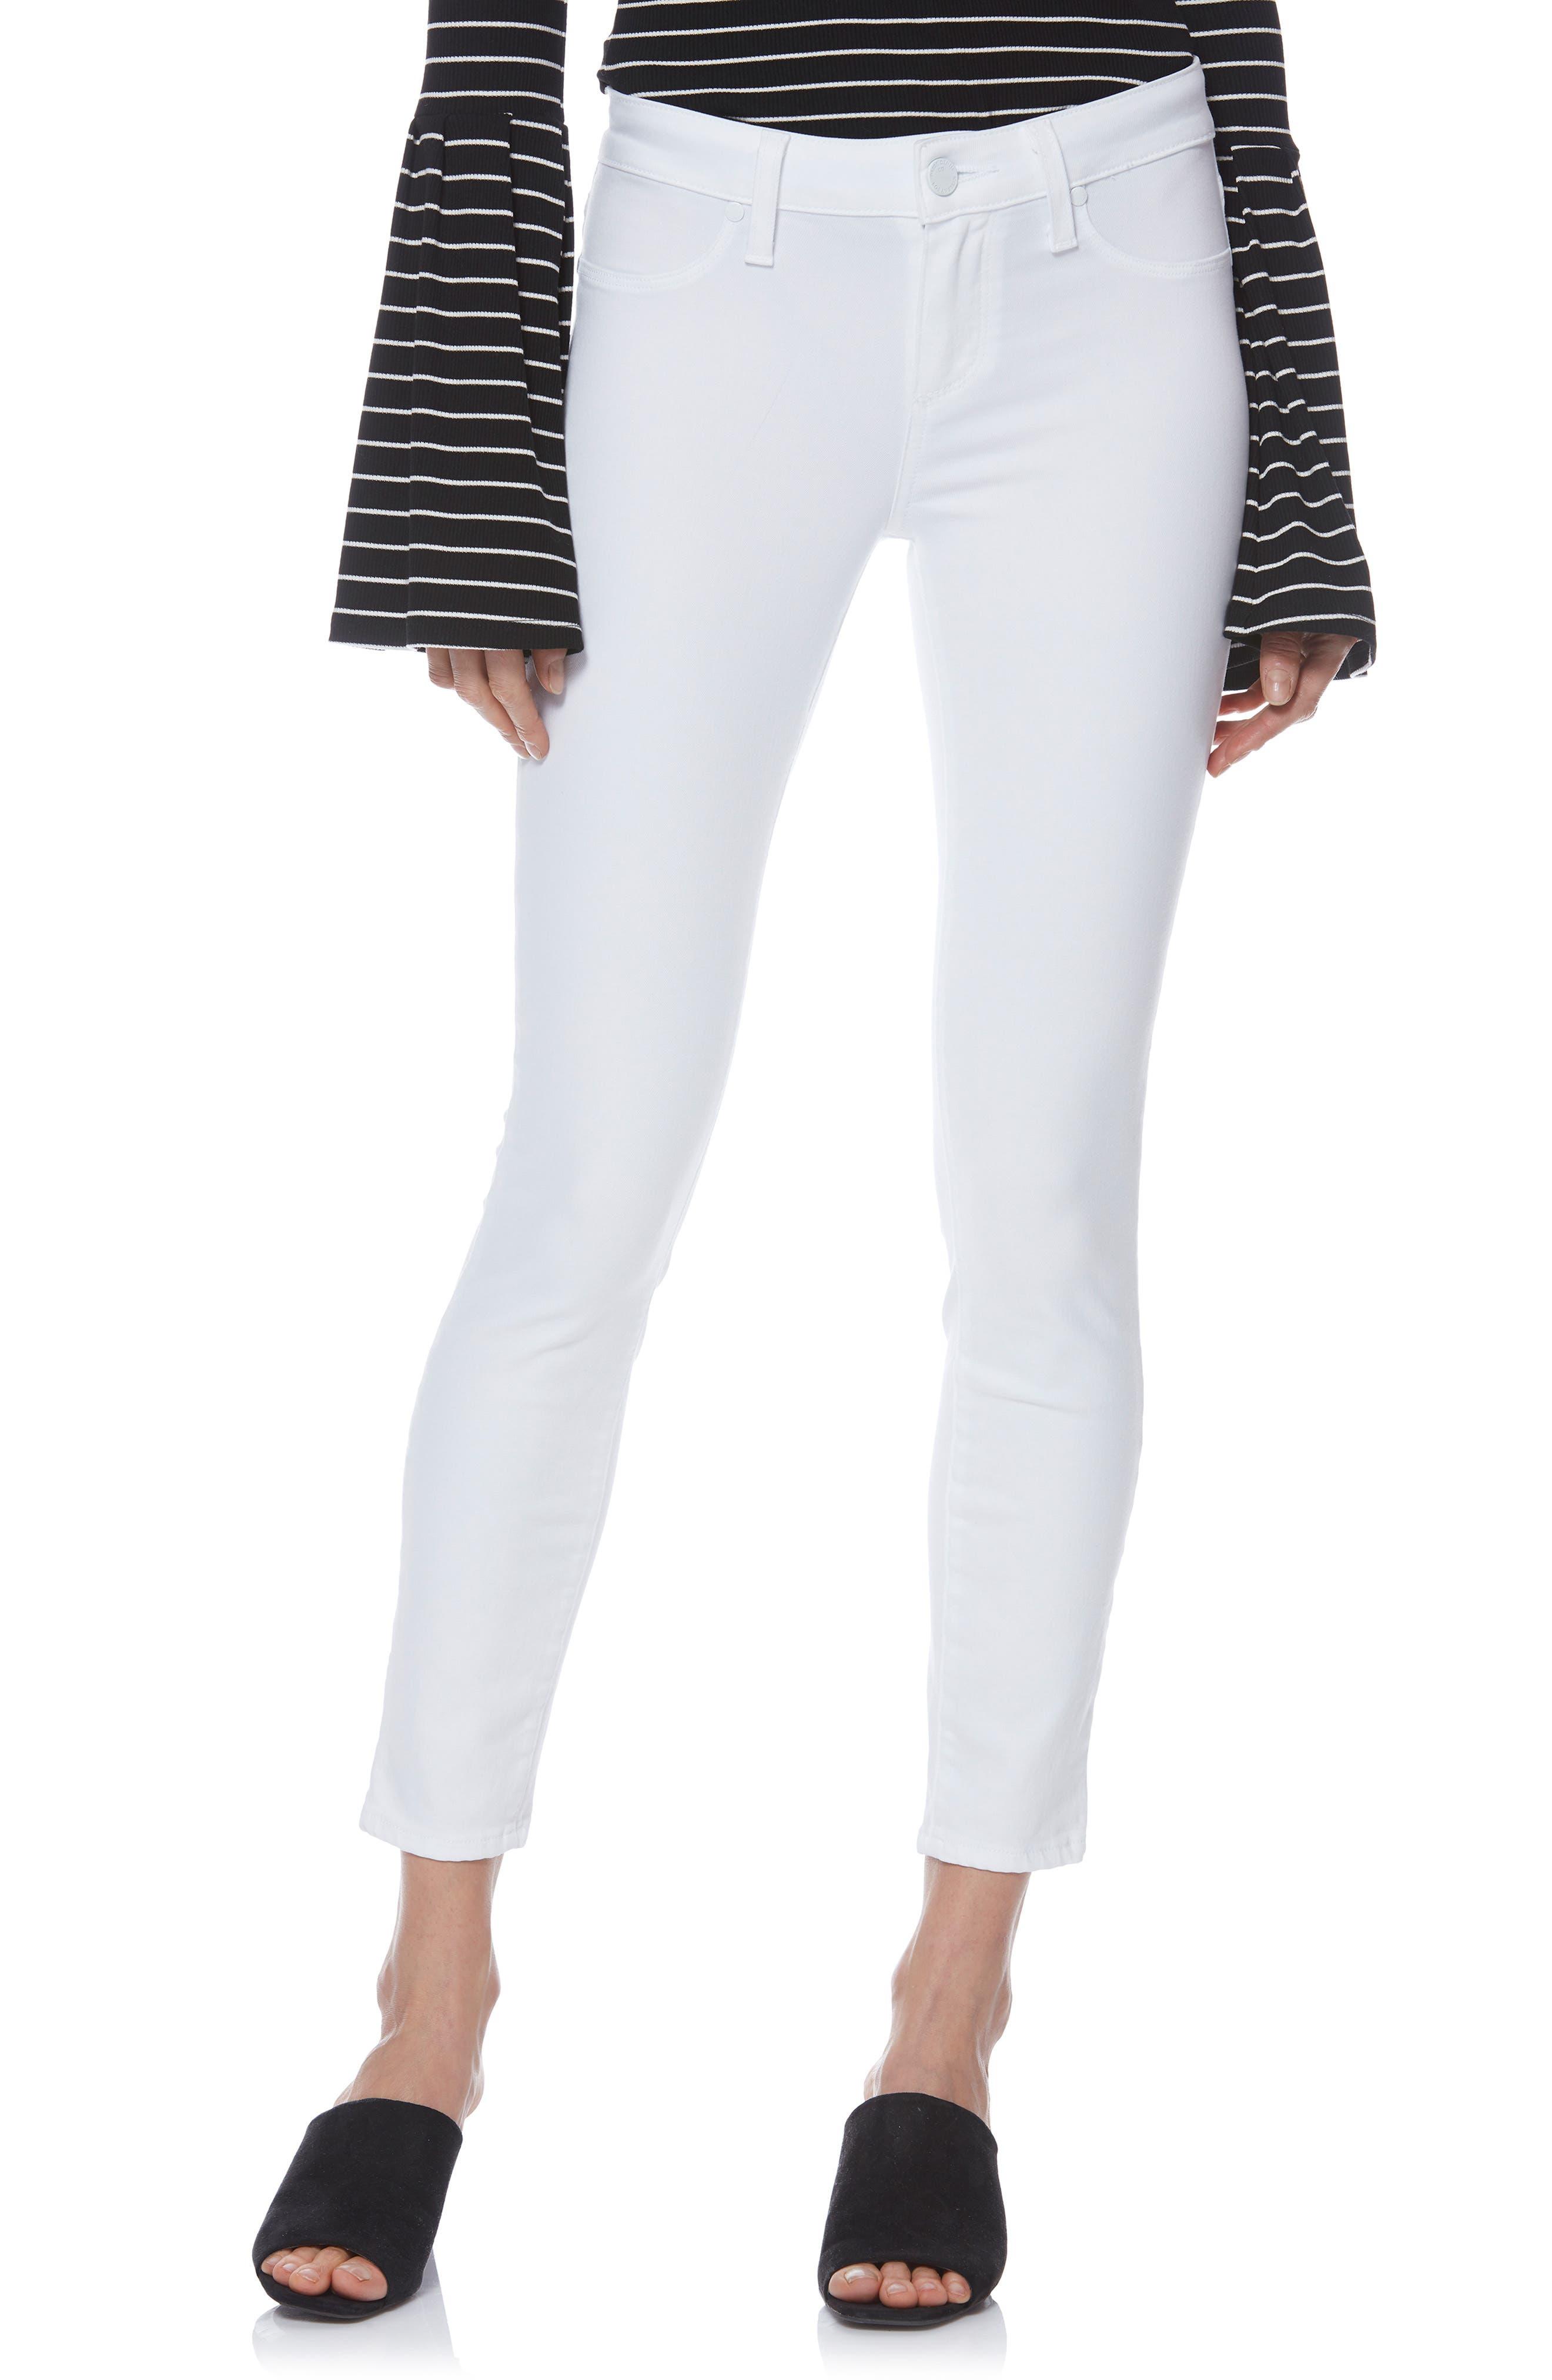 PAIGE Verdugo Faux Pocket Crop Skinny Jeans, Main, color, VIVID WHITE